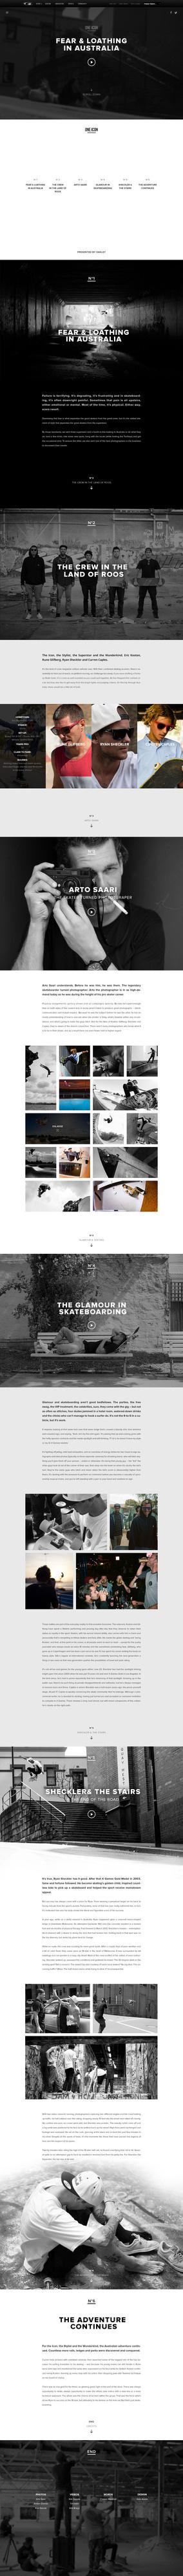 Oakley Features - Fear & Loathing in Australia #responsive #article #oakley #minimal #layout #web #typography